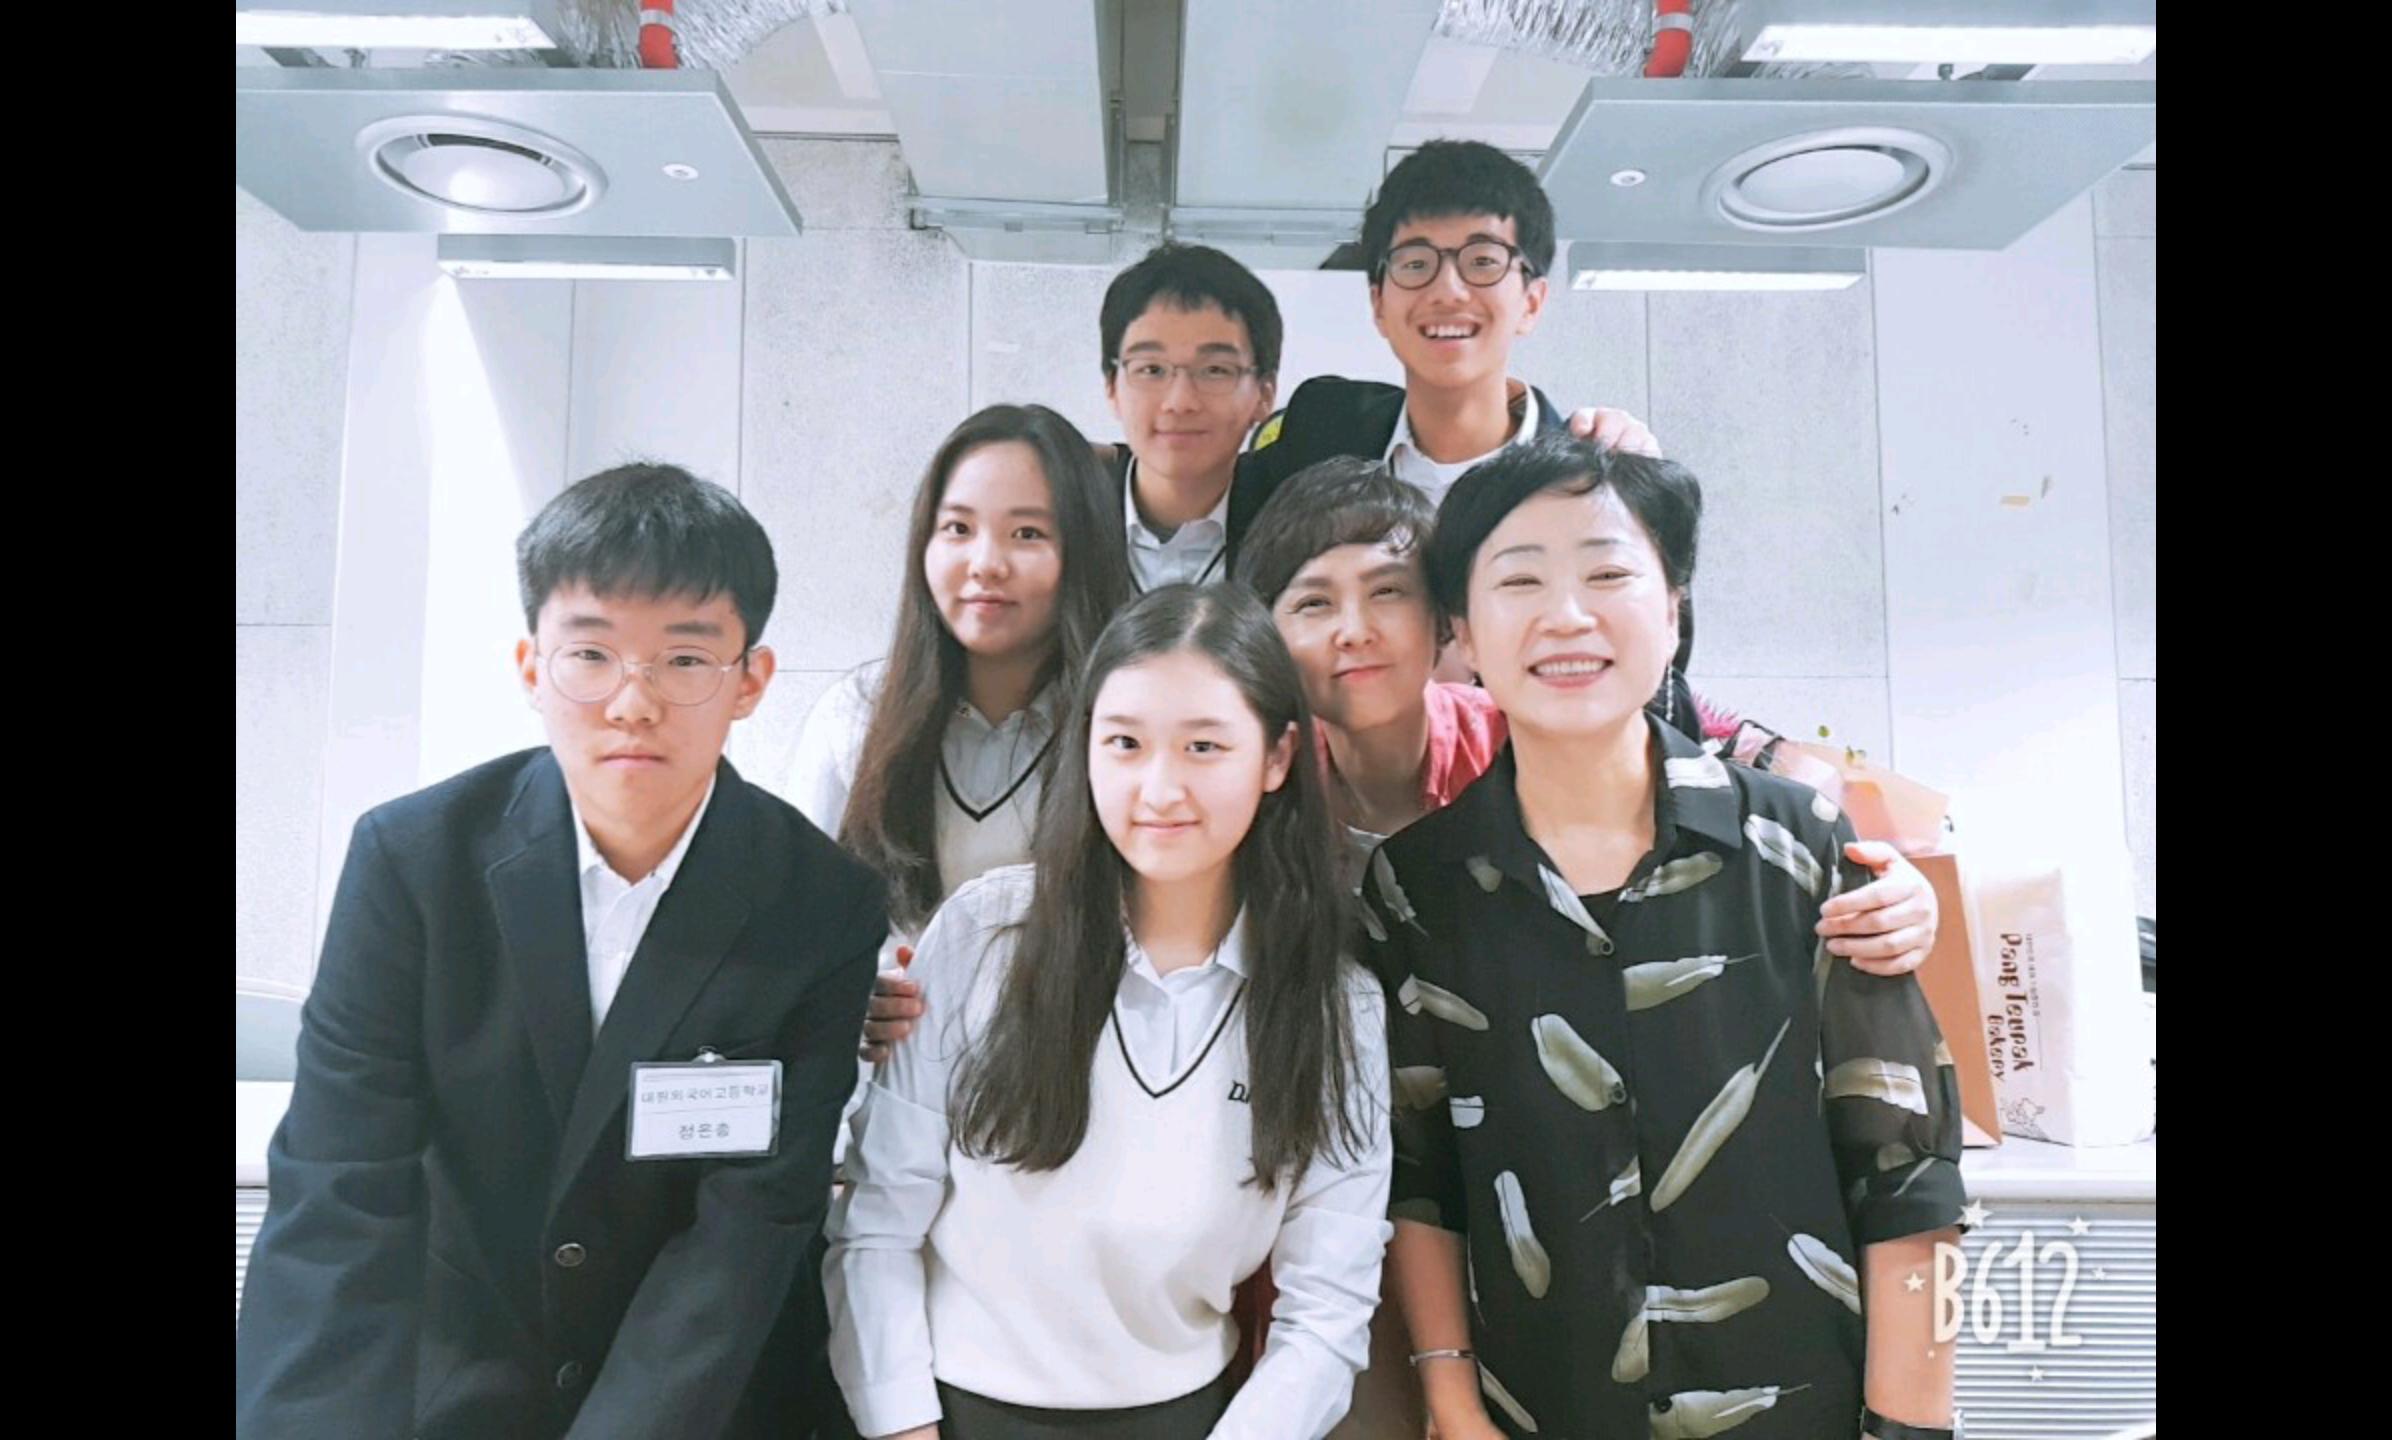 '제 20회 전국 고교생 프랑스시낭송대회'의 본선 수상